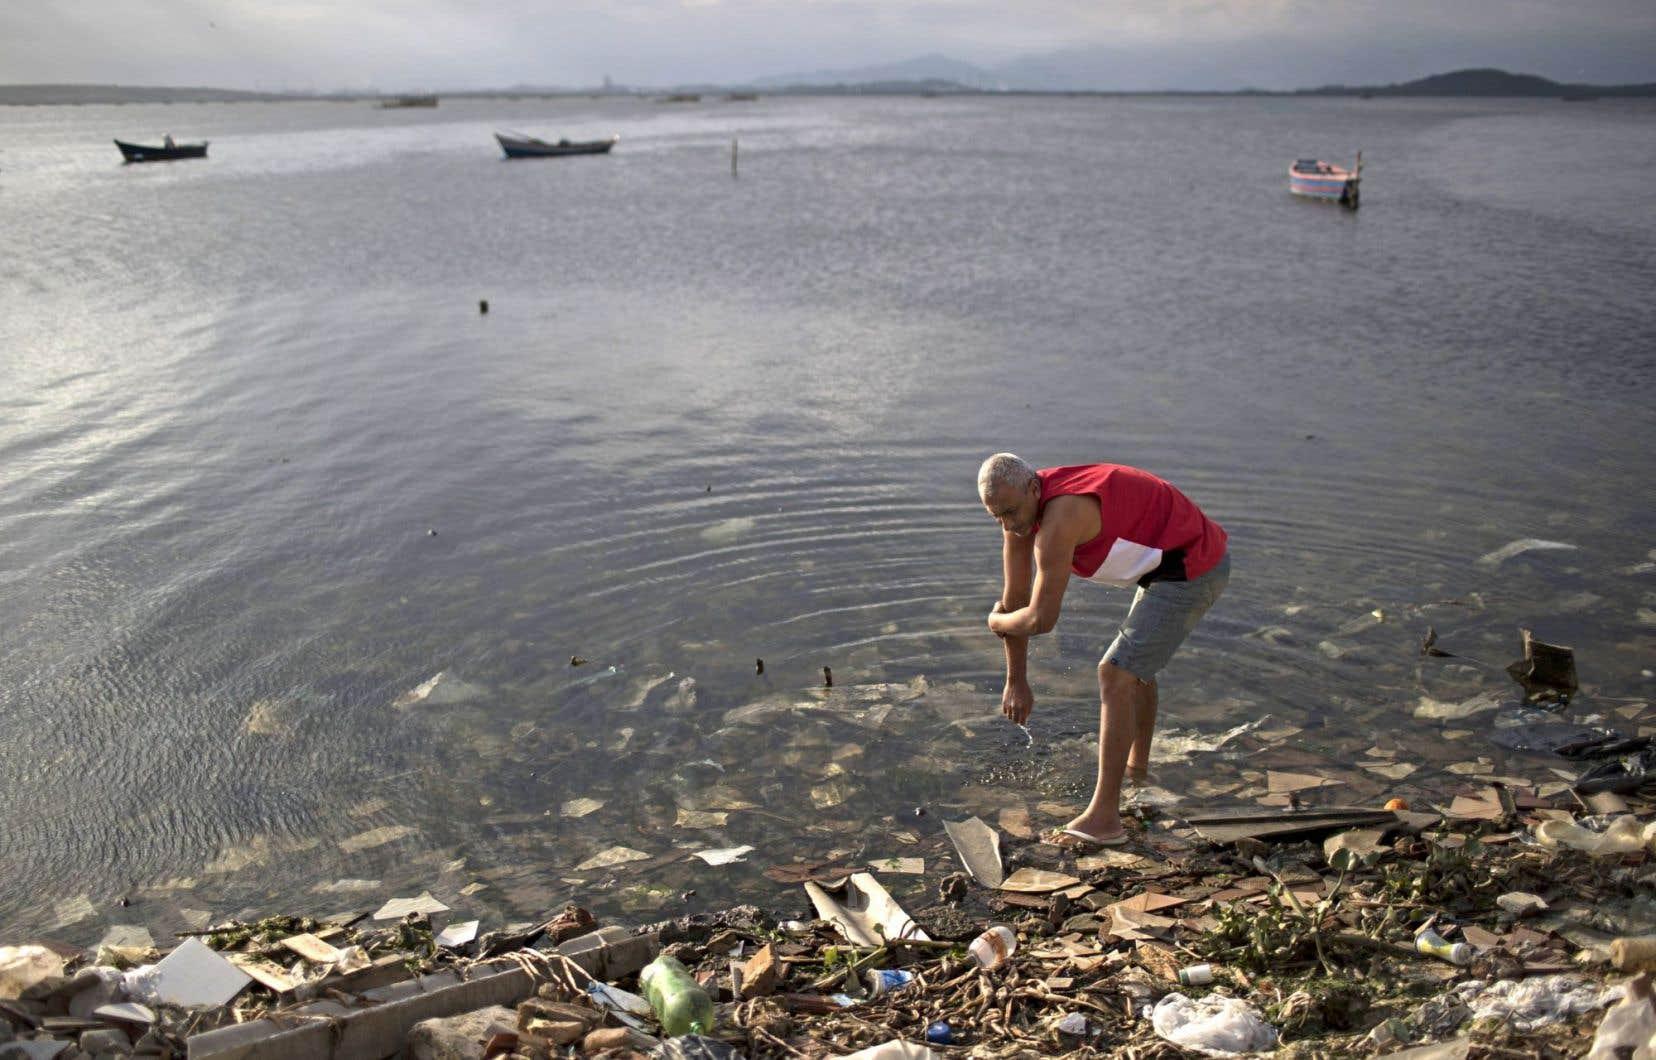 Les autorités locales, dont le maire de Rio, Eduardo Paes, reconnaissent que le nettoyage des cours d'eau a été un échec.